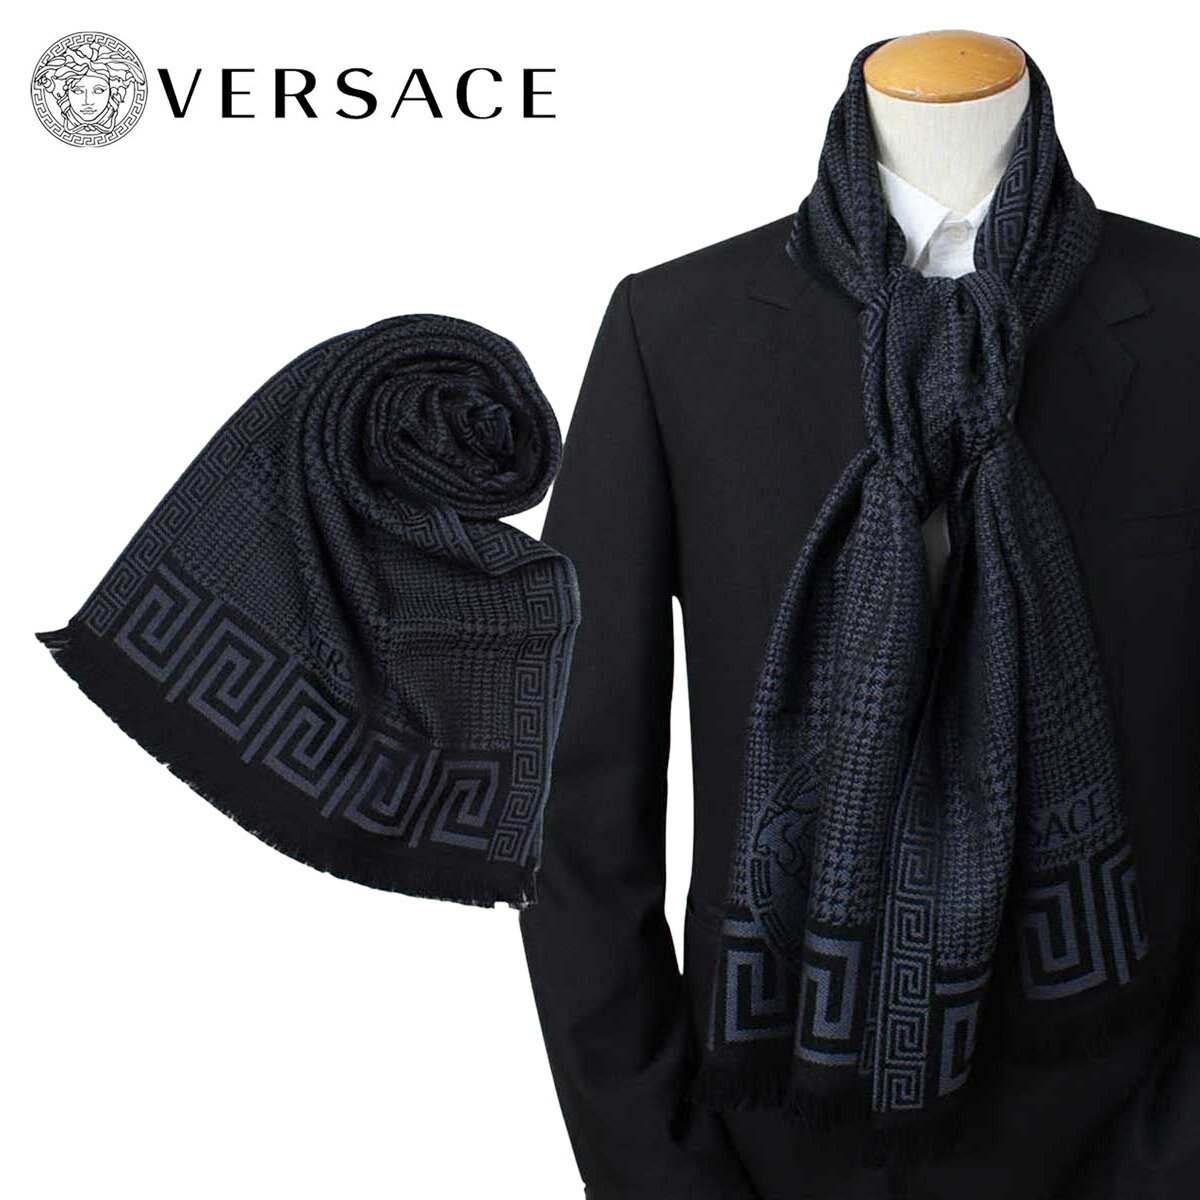 VERSACE マフラー ヴェルサーチ ベルサーチ メンズ ウール イタリア製 カジュアル ビジネス 0665 [1/15 再入荷]